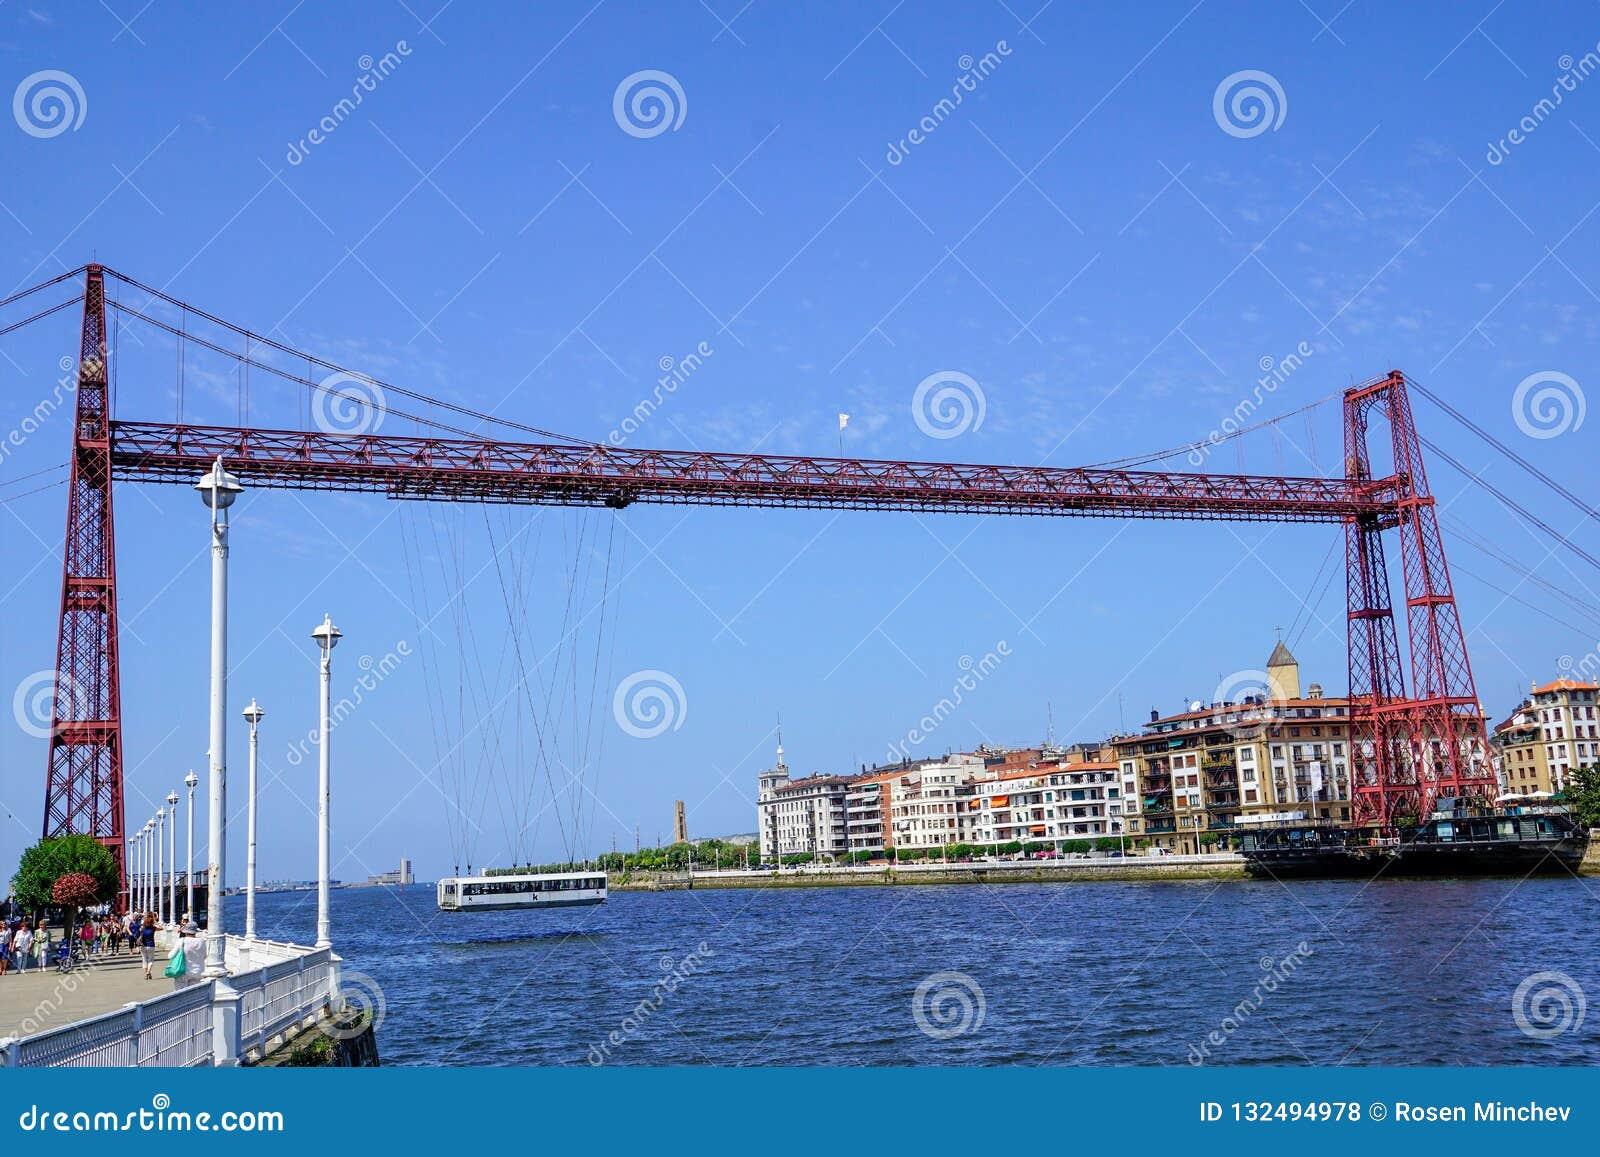 Pont de Bizkaia, Espagne Fotost a filmé en 2018